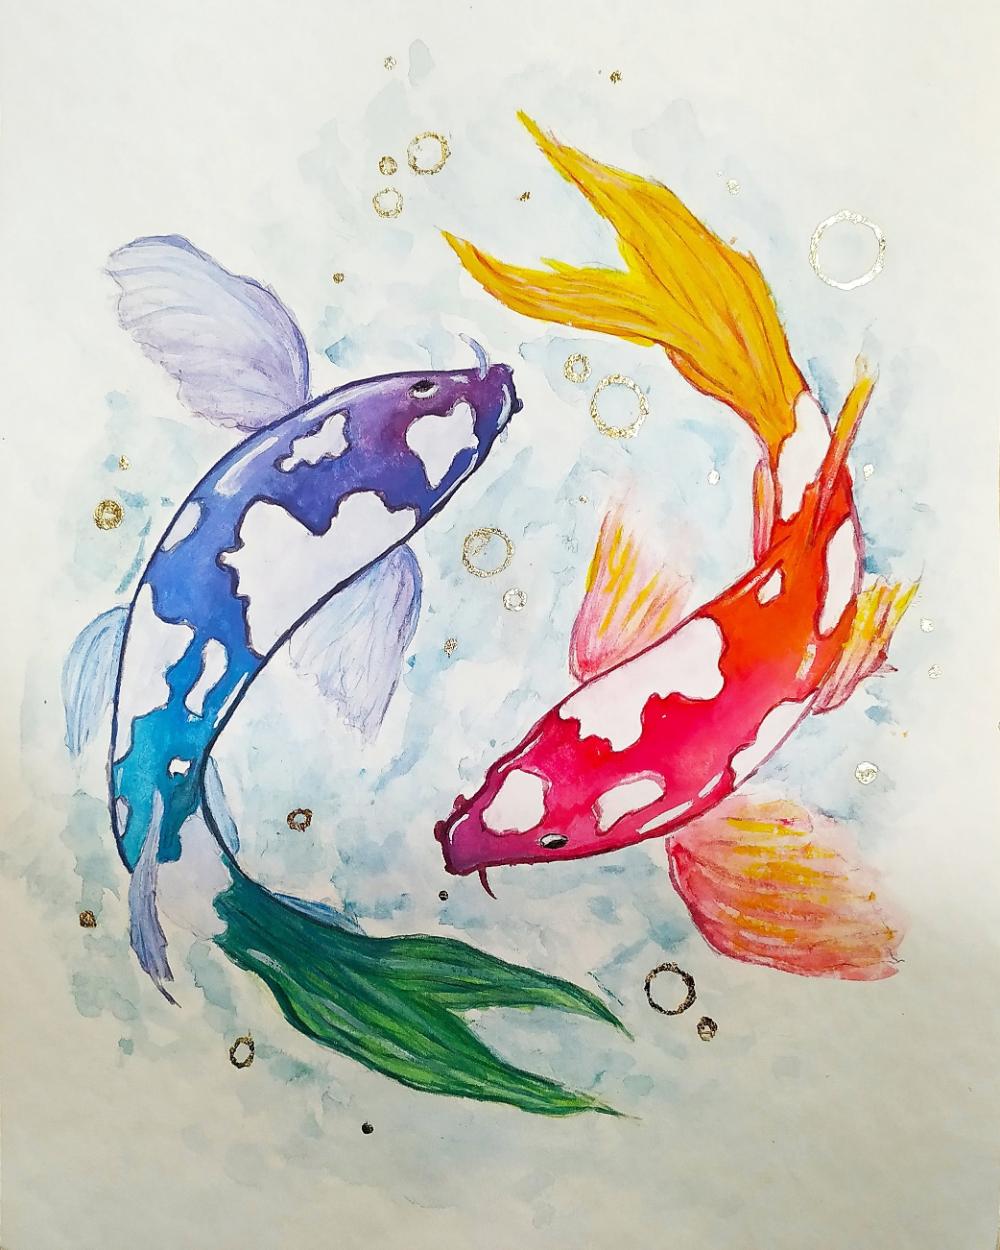 Watercolor Koi Fish Drawing In 2020 Koi Fish Drawing Fish Drawings Fish Sketch